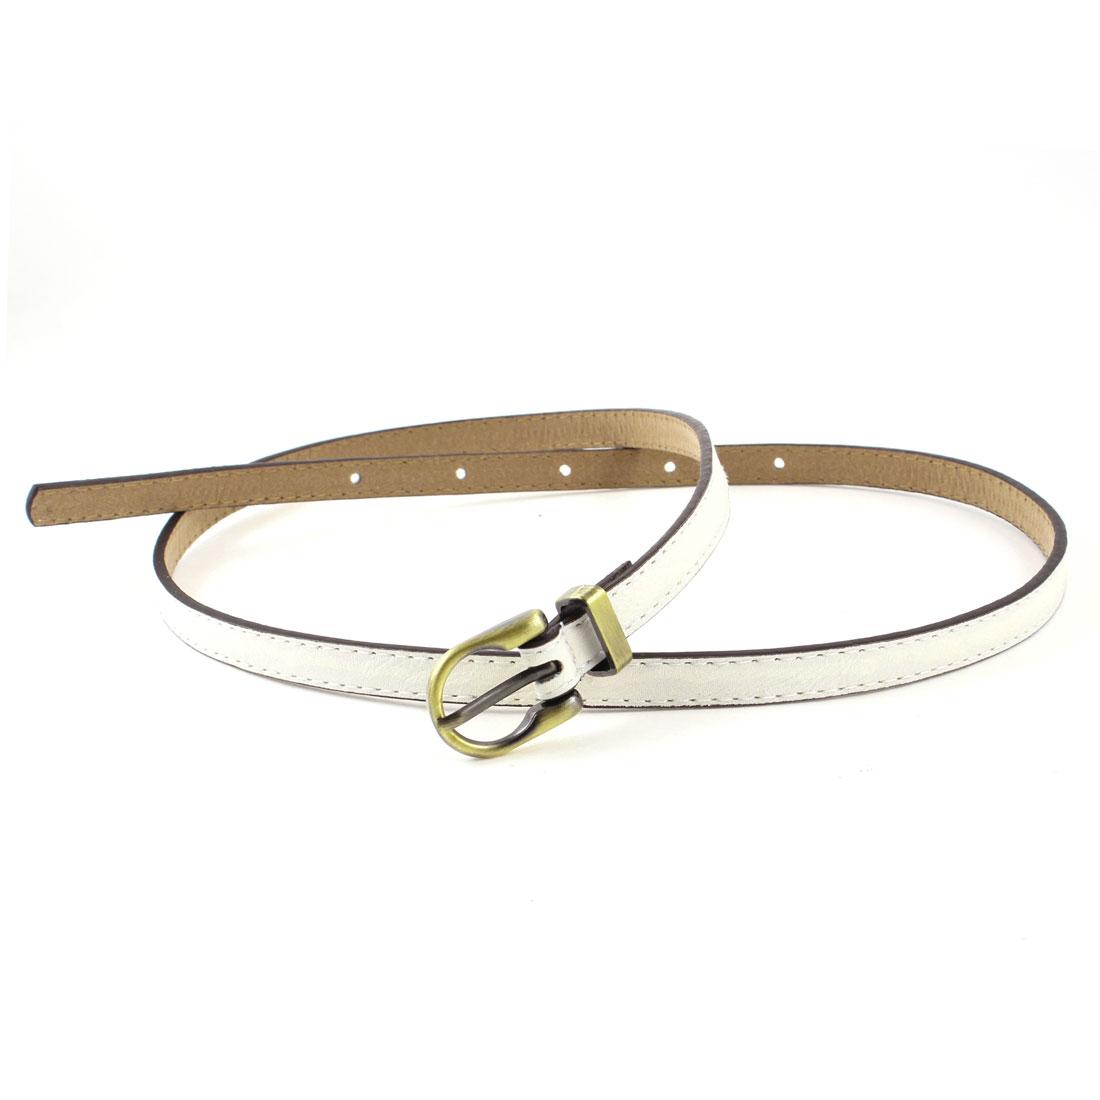 Woman Blouse Pants Decor 1.1cm Width Faux Leather Cinch Waist Belt White